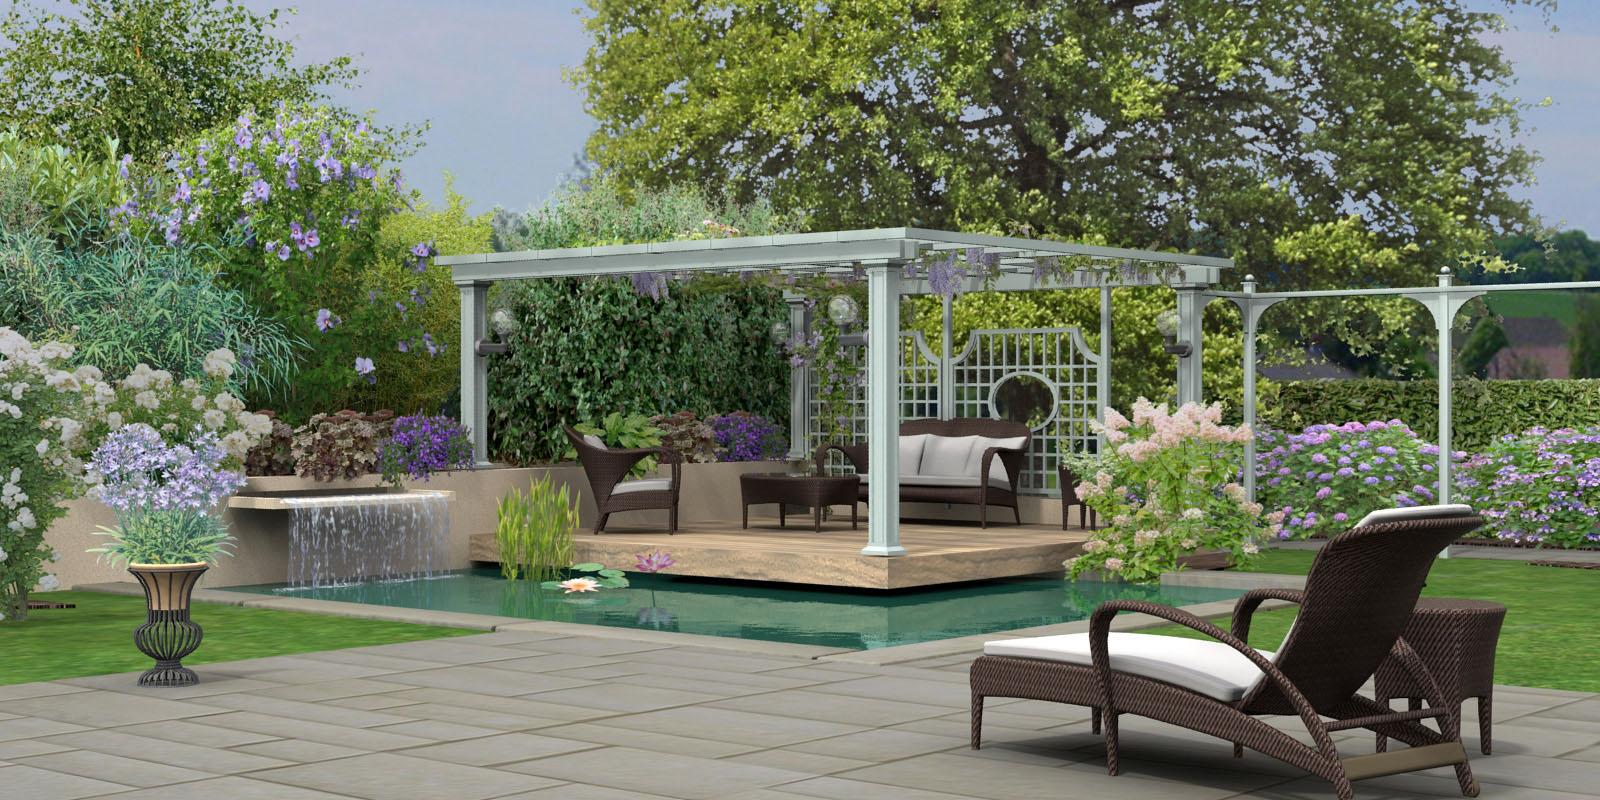 Architecte Jardin 3D Gratuit hortus3d création de plans de jardin 3d en réalité virtuelle